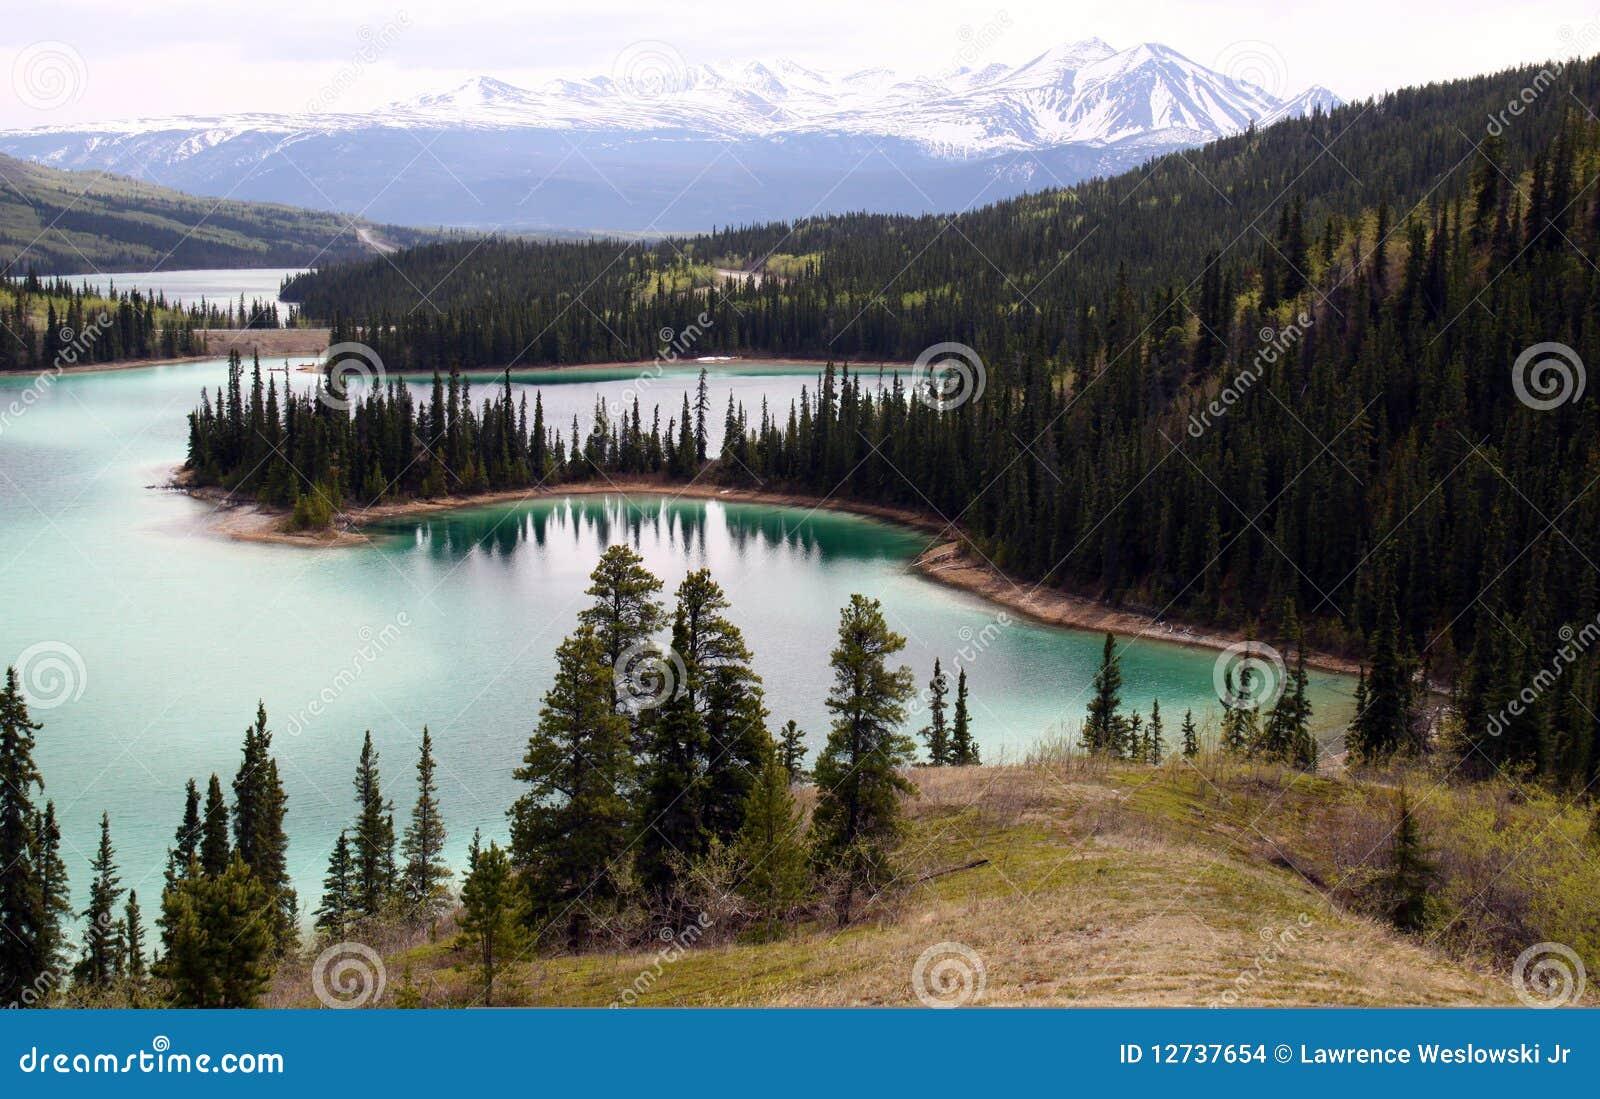 Smaragdgroen Meer, Yukon Canada